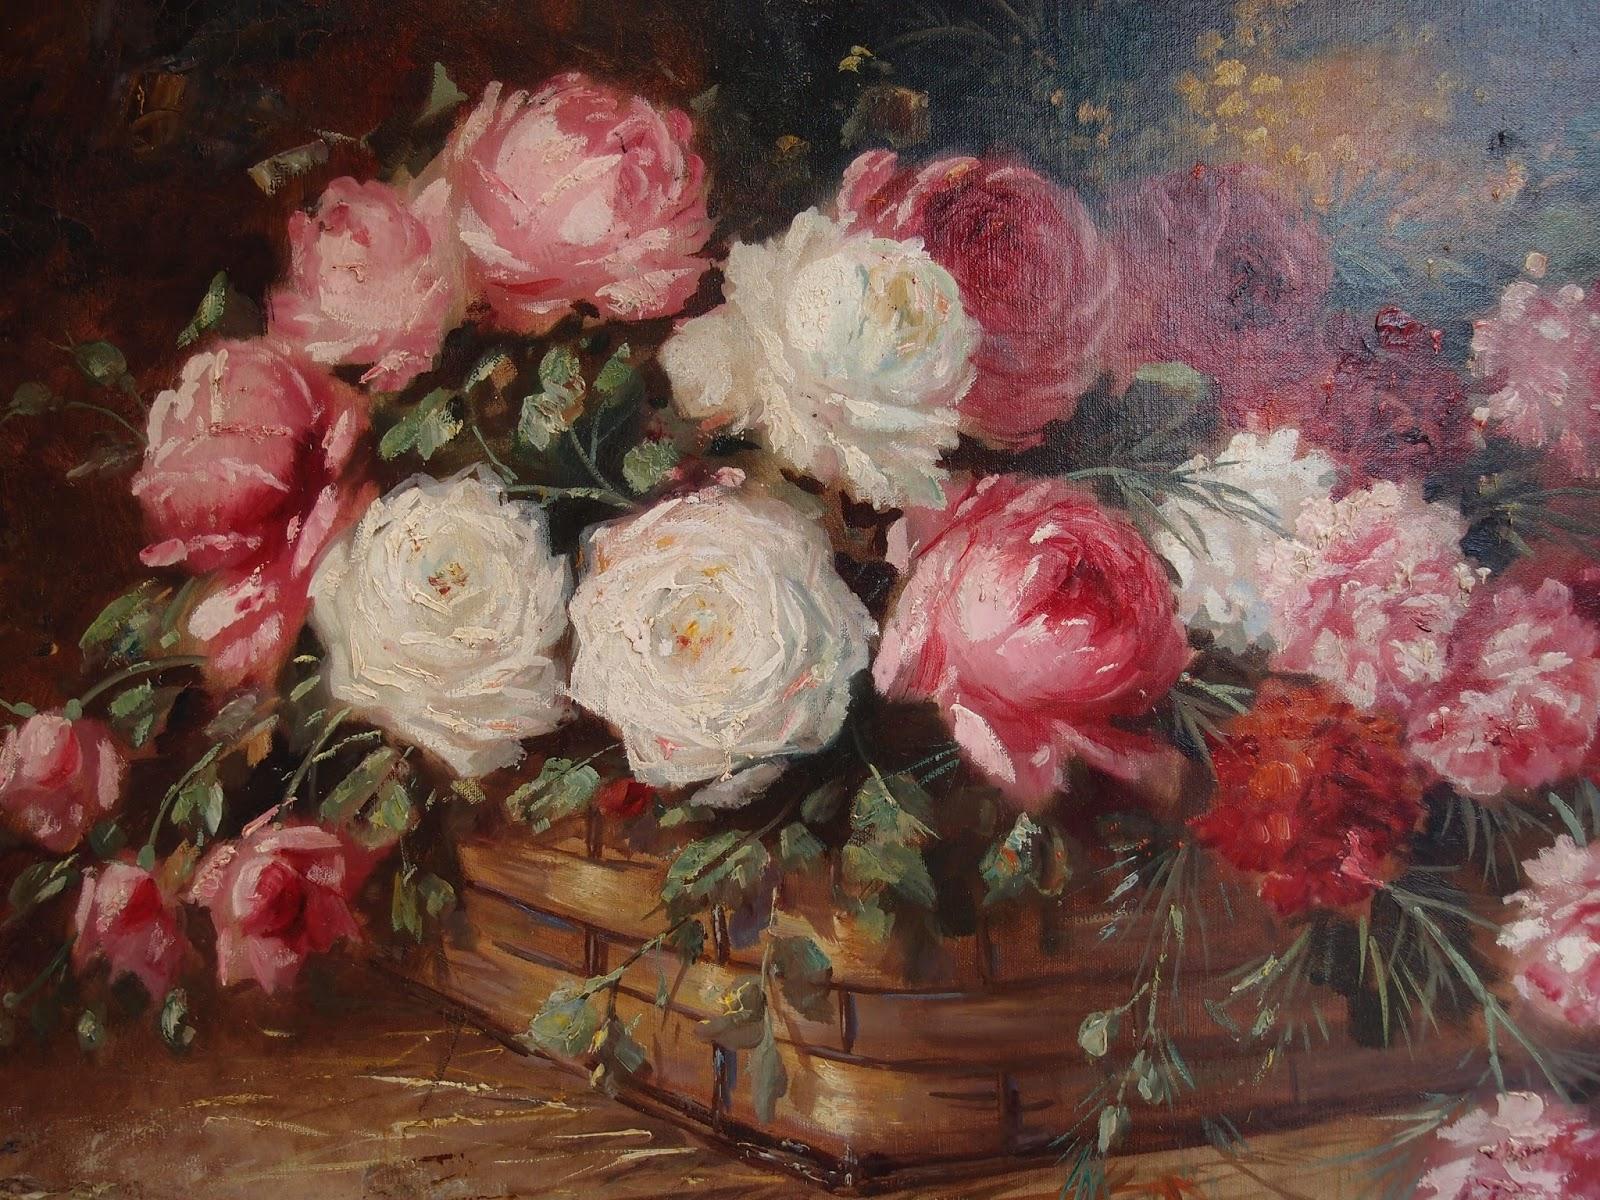 Dipinti antichi nuovi arrivi antichit bellini for Quadri con rose rosse